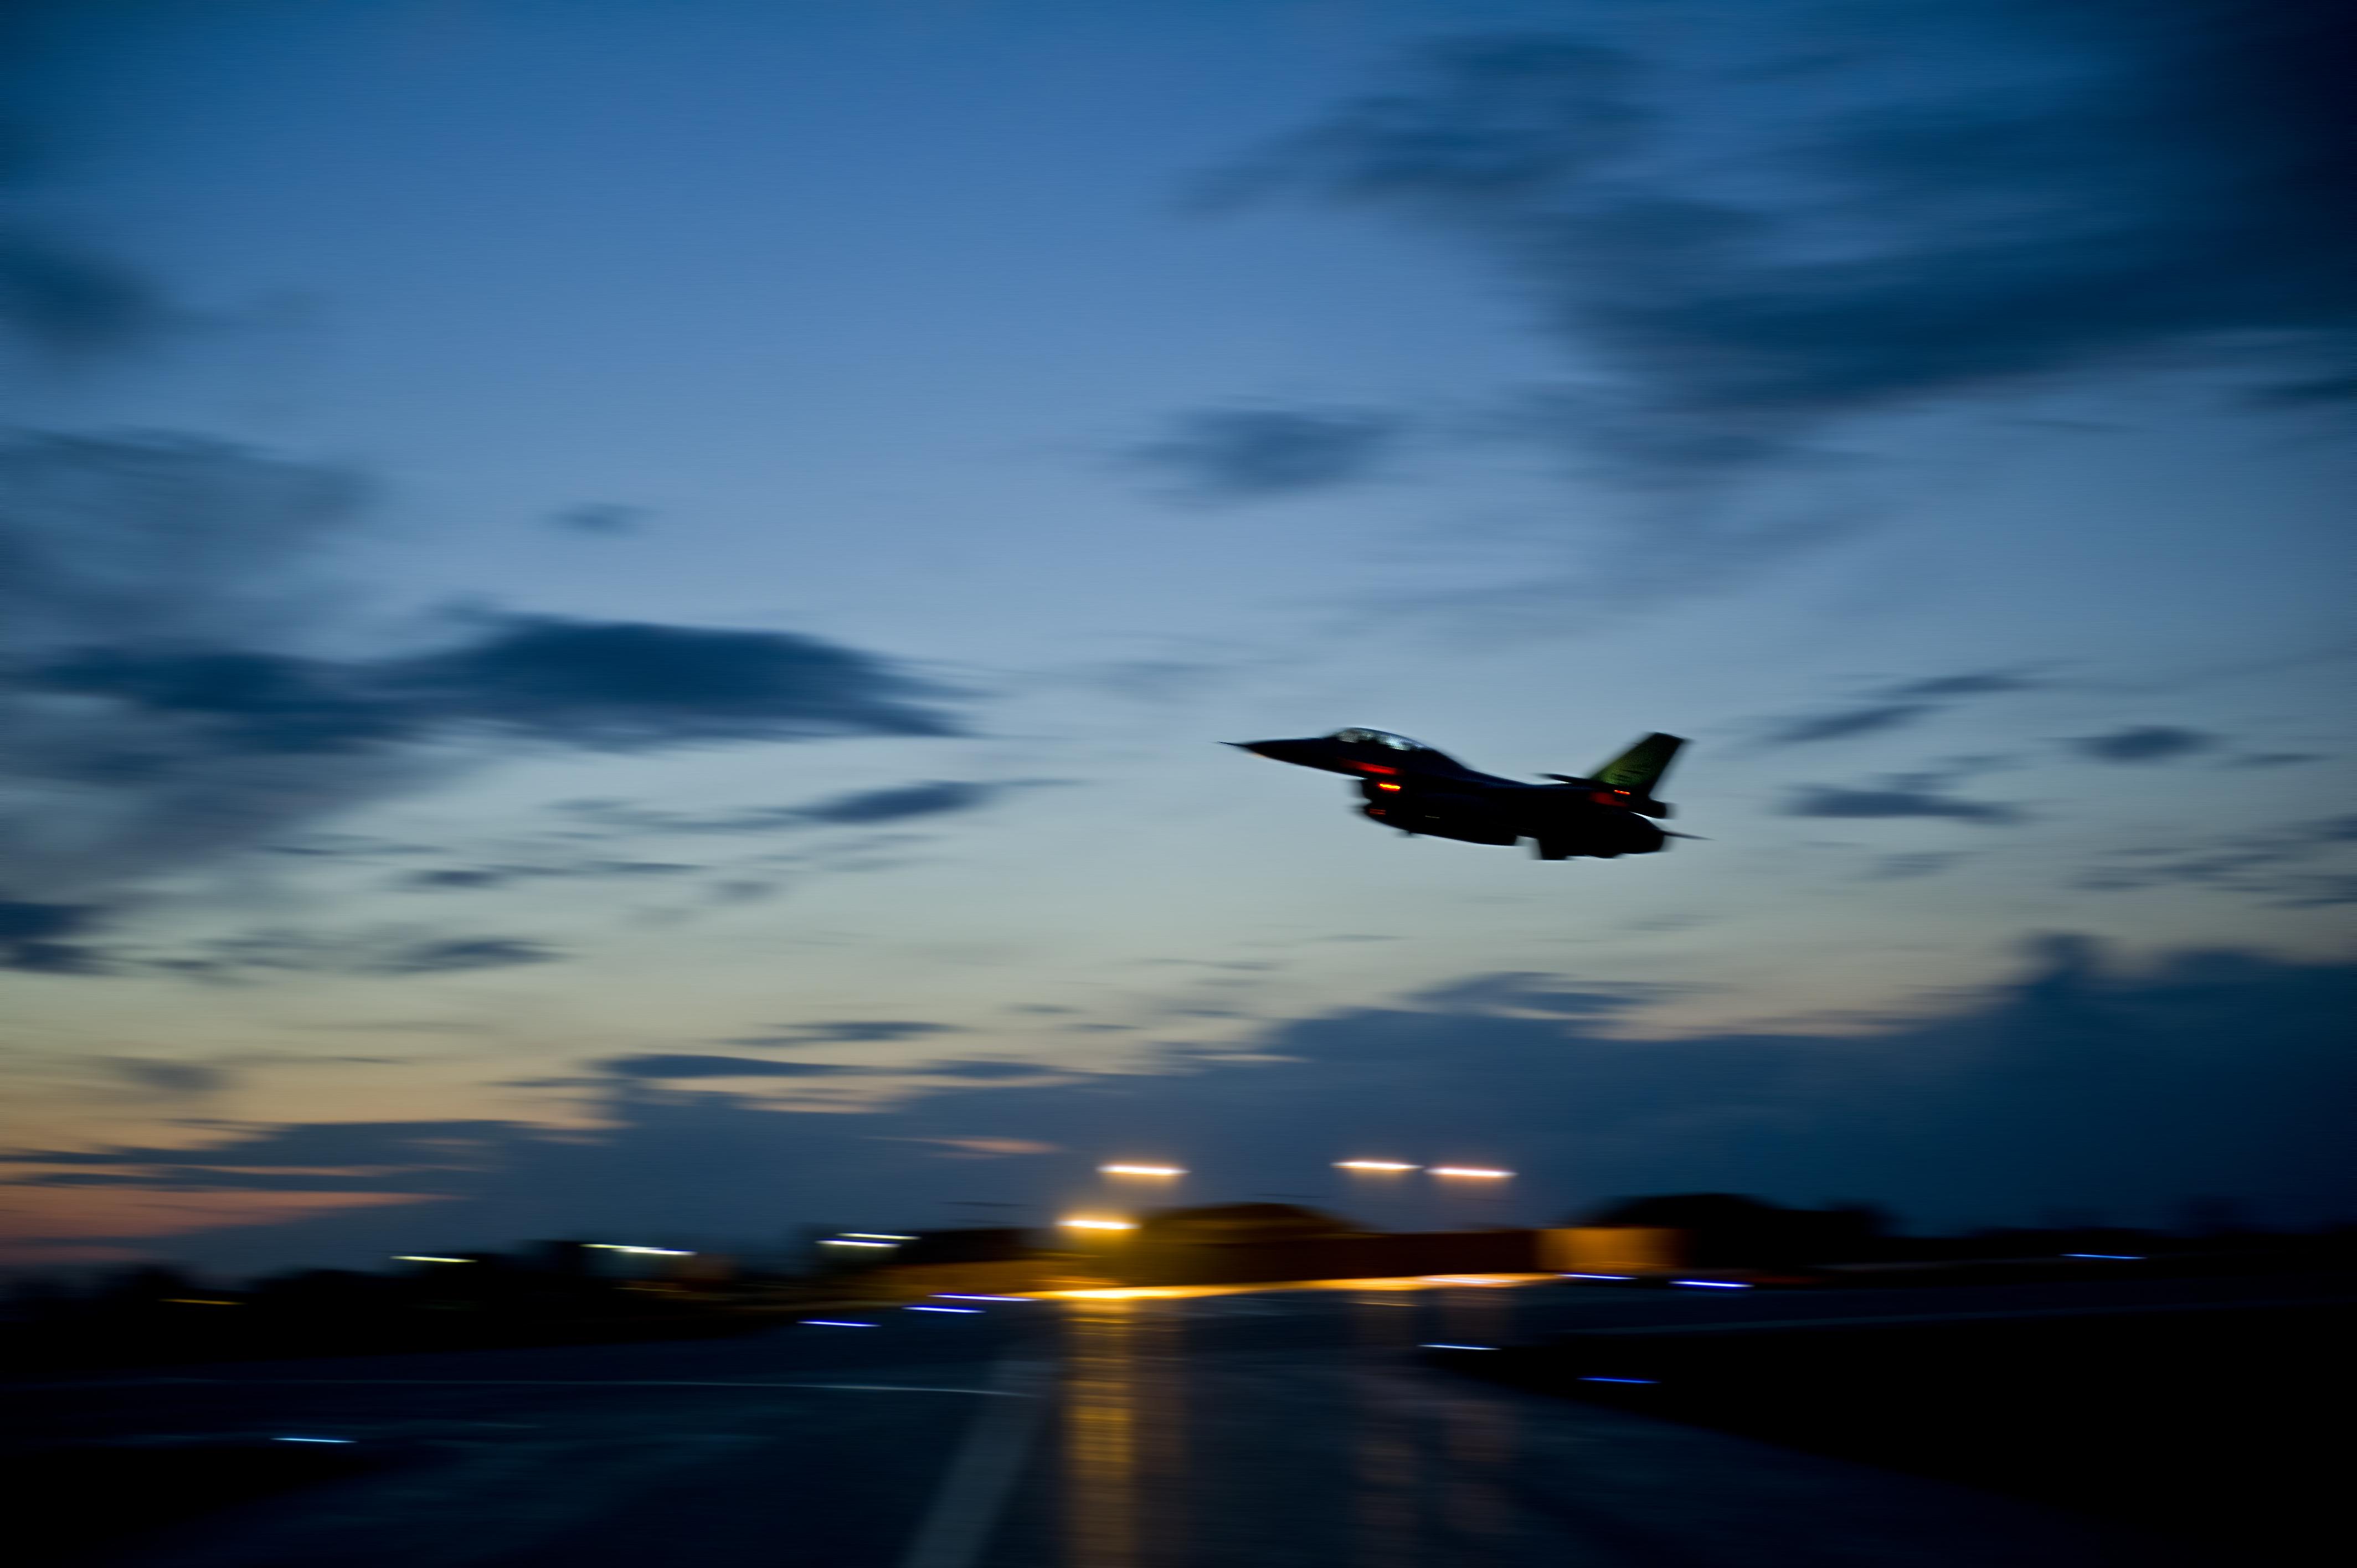 Nattflyging